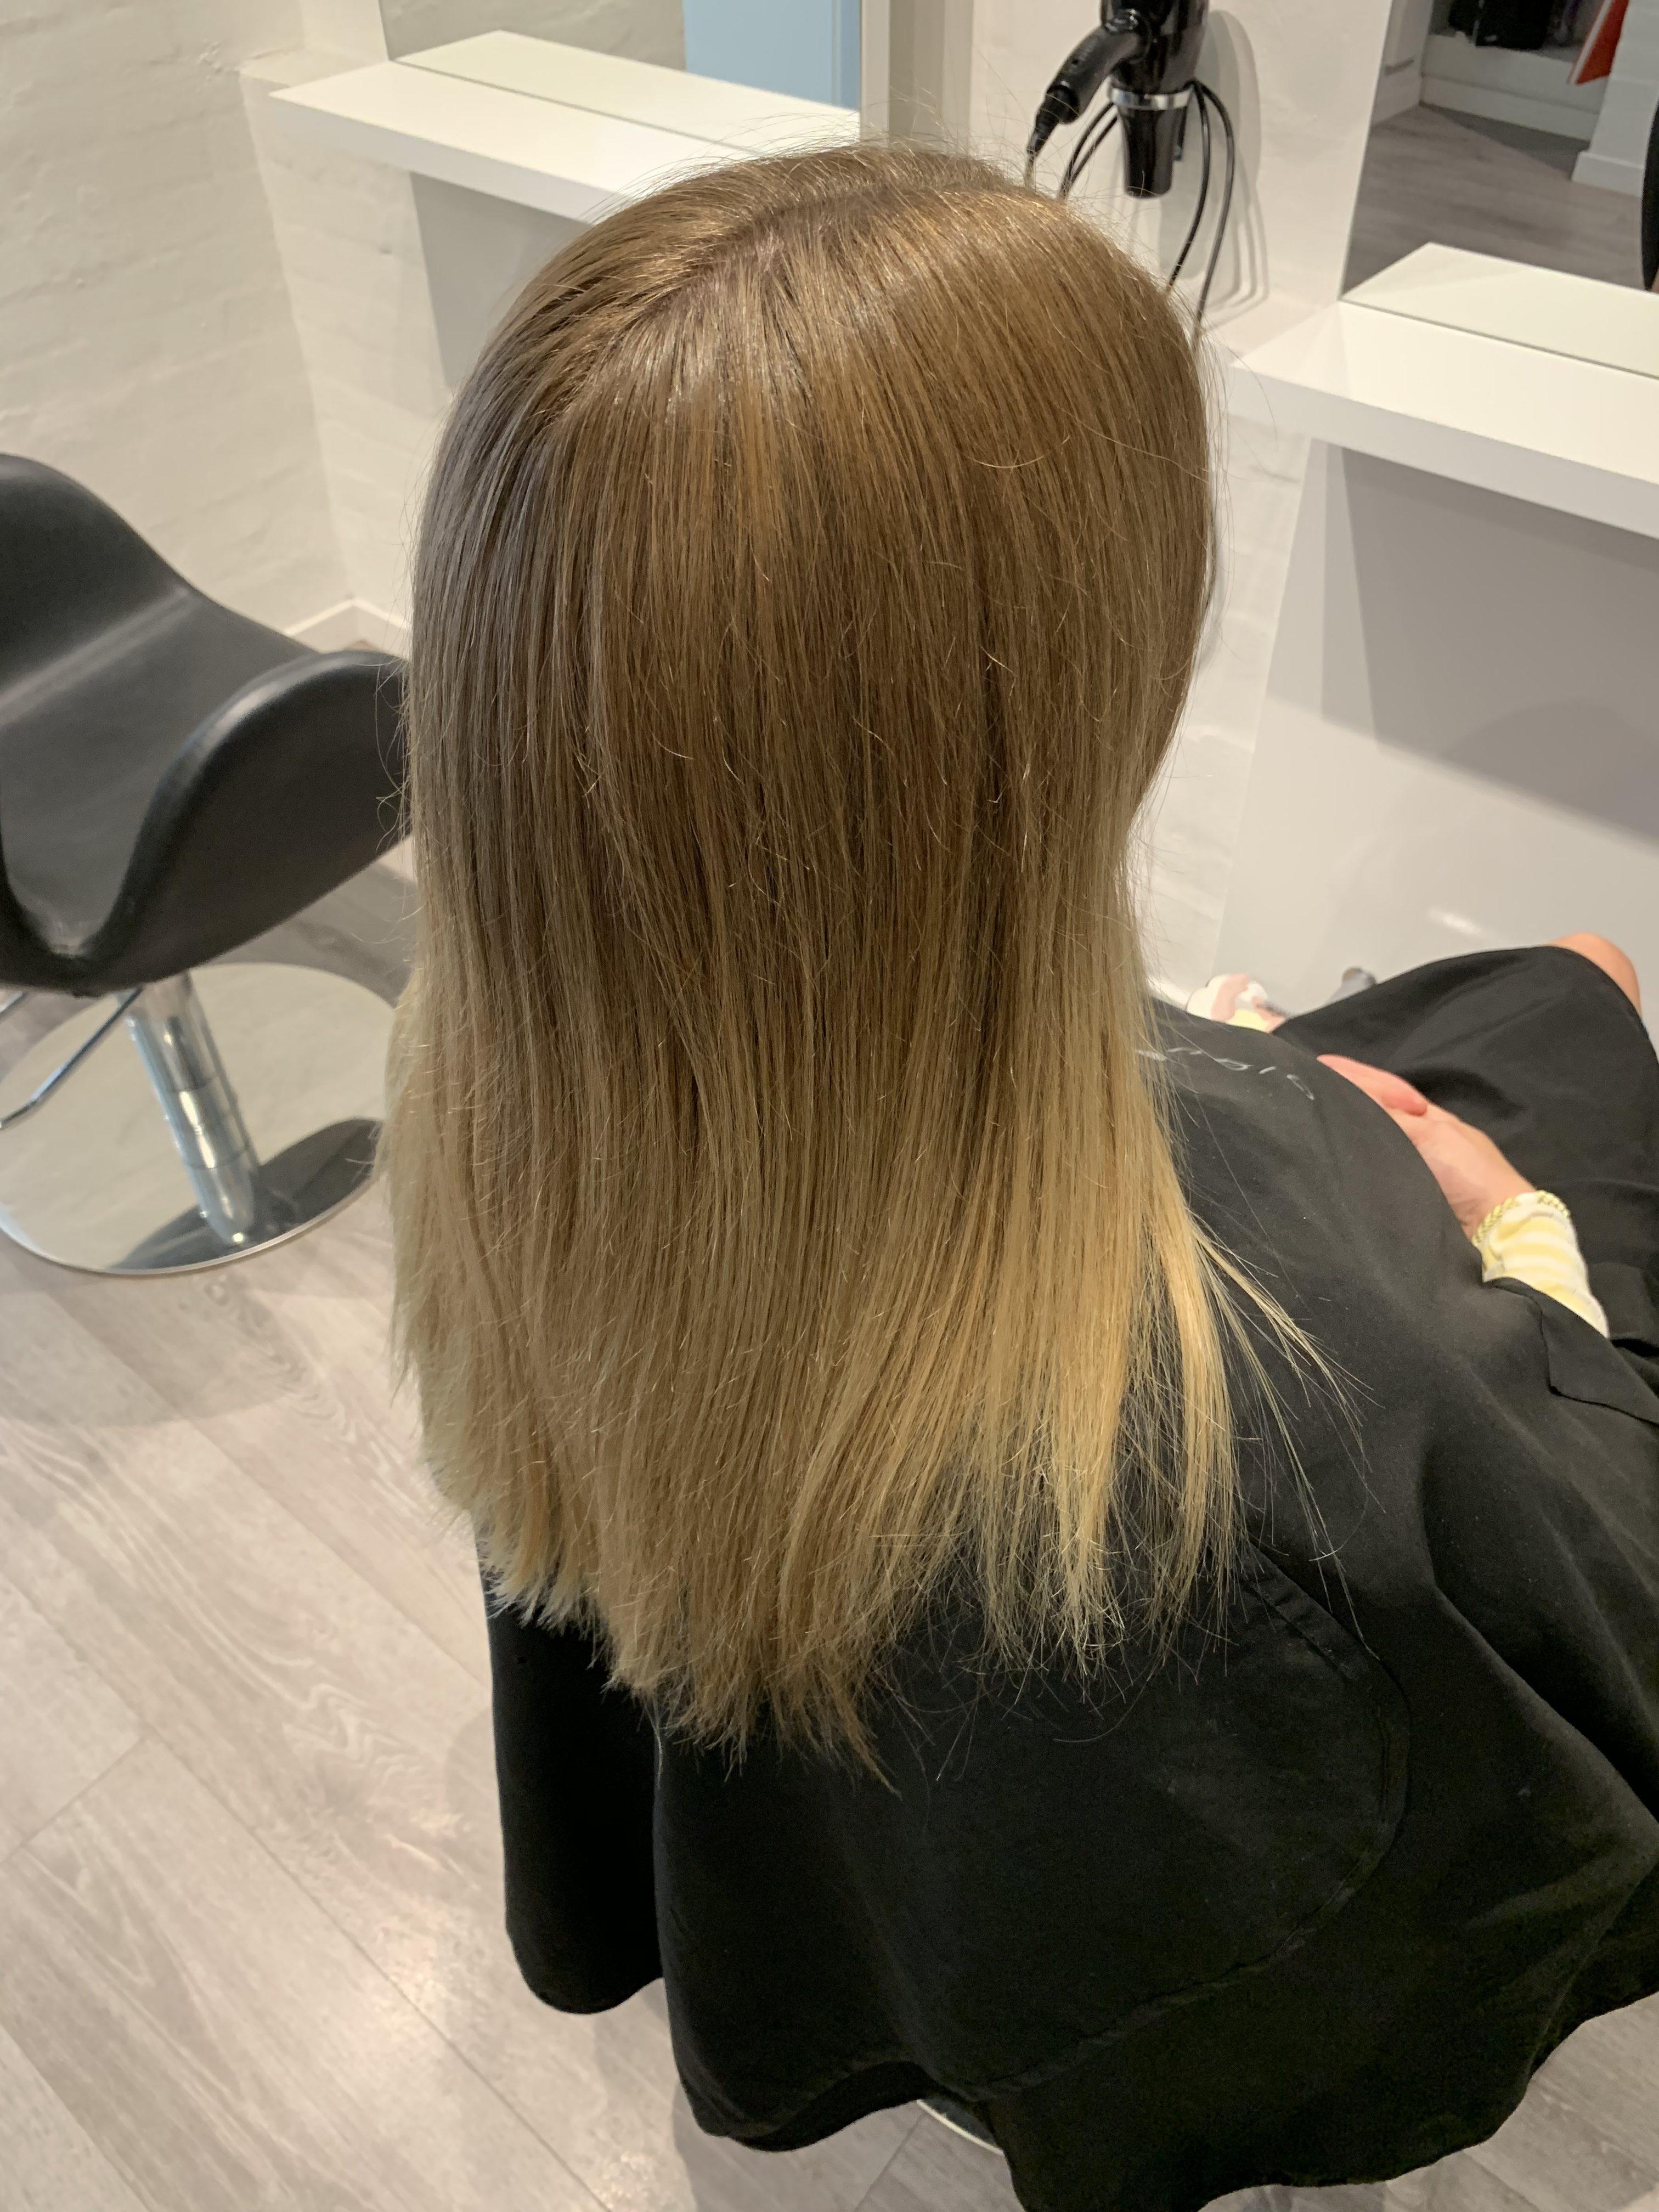 Frisør besøg hos AS Hair Studio: <strong>Balayage behandling</strong> for en naturlig hårfarve 3